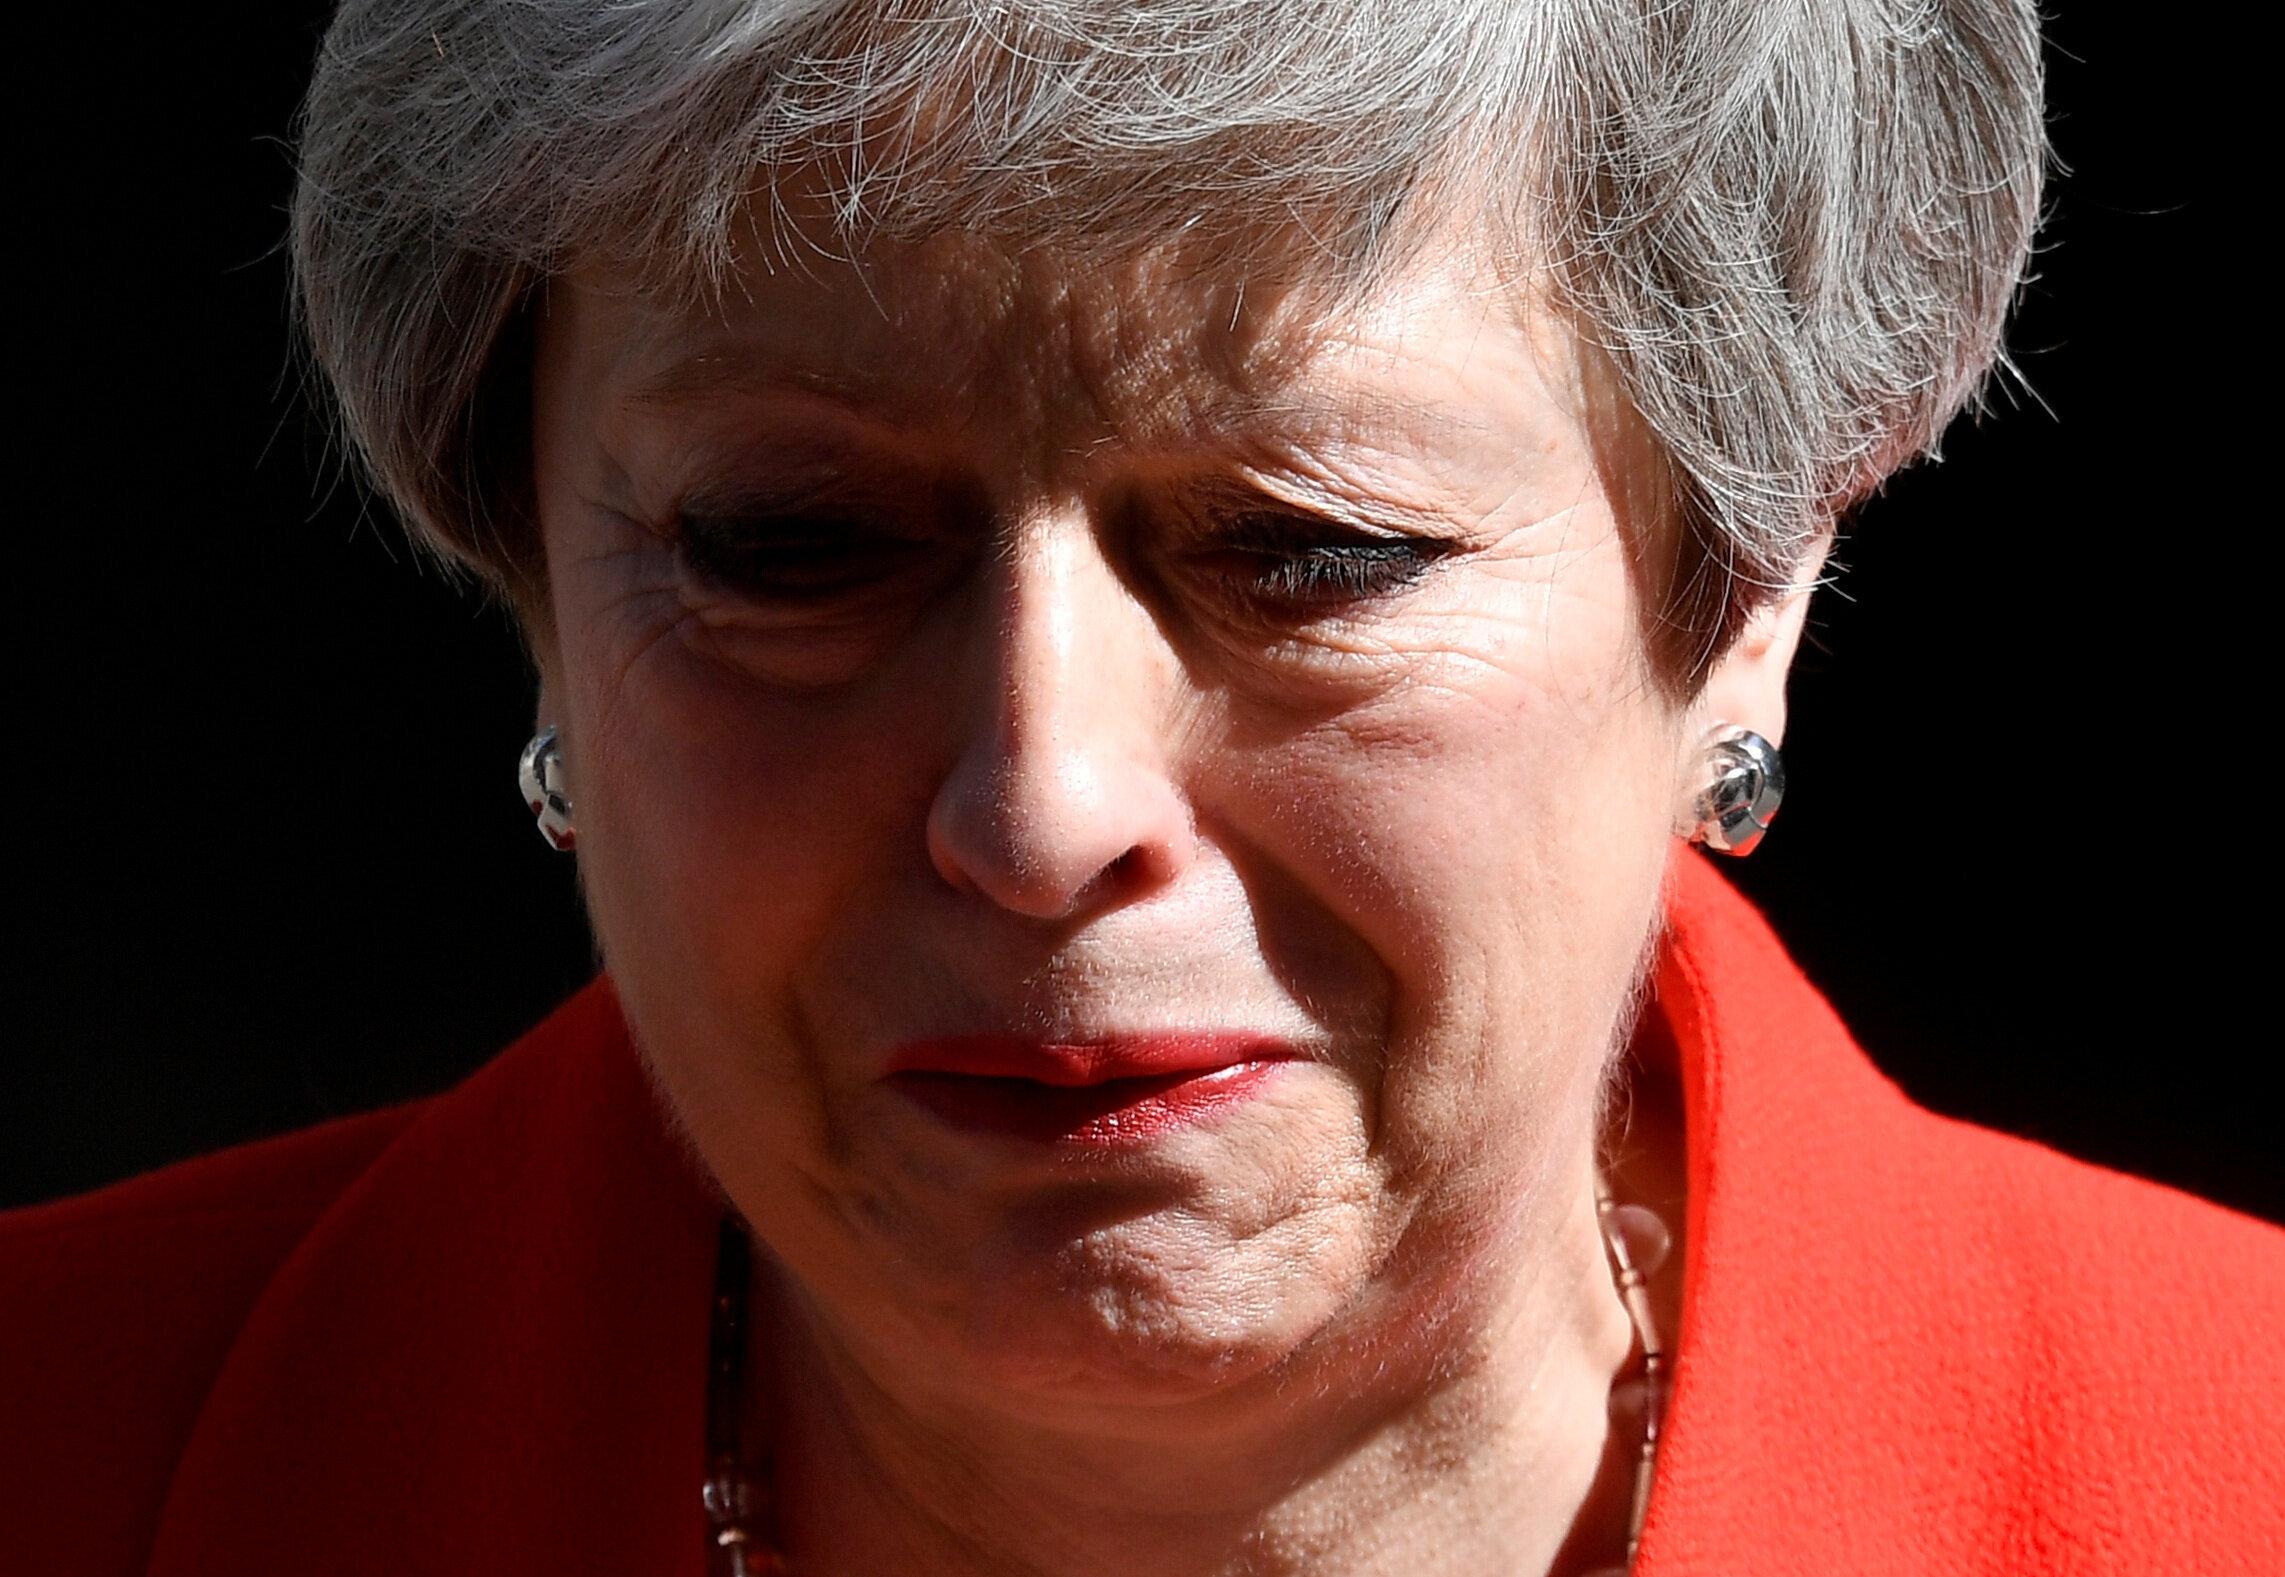 Theresa May anuncia renúncia após fracassar em romper impasse sobre